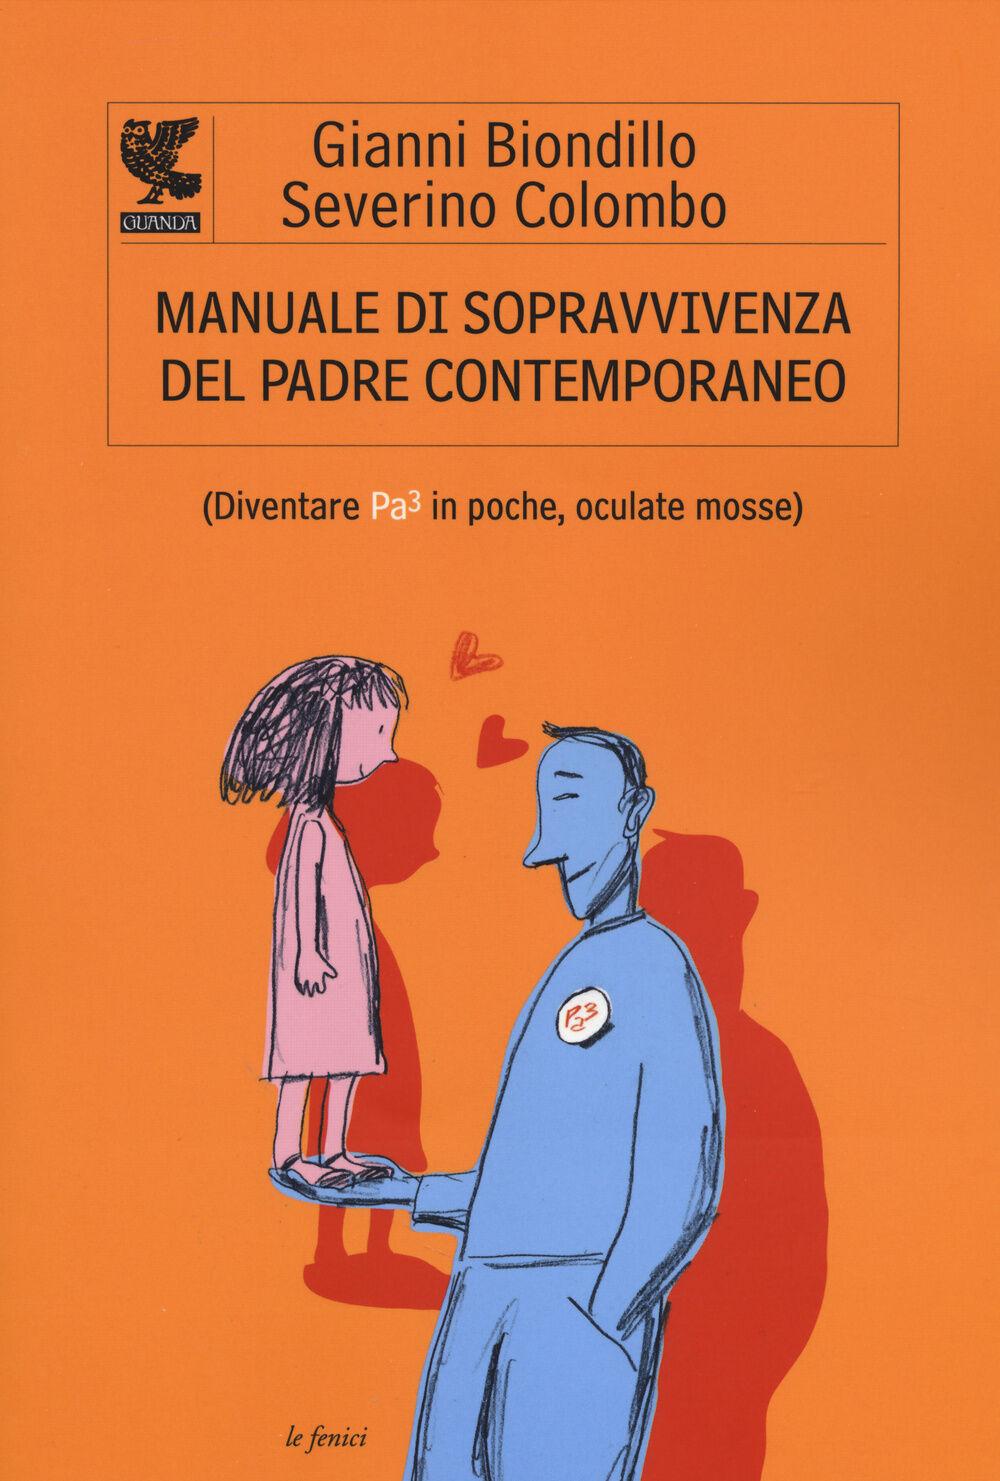 Risultati immagini per Manuale di sopravvivenza del padre contemporaneo di Gianni Biondillo e Severino Colombo